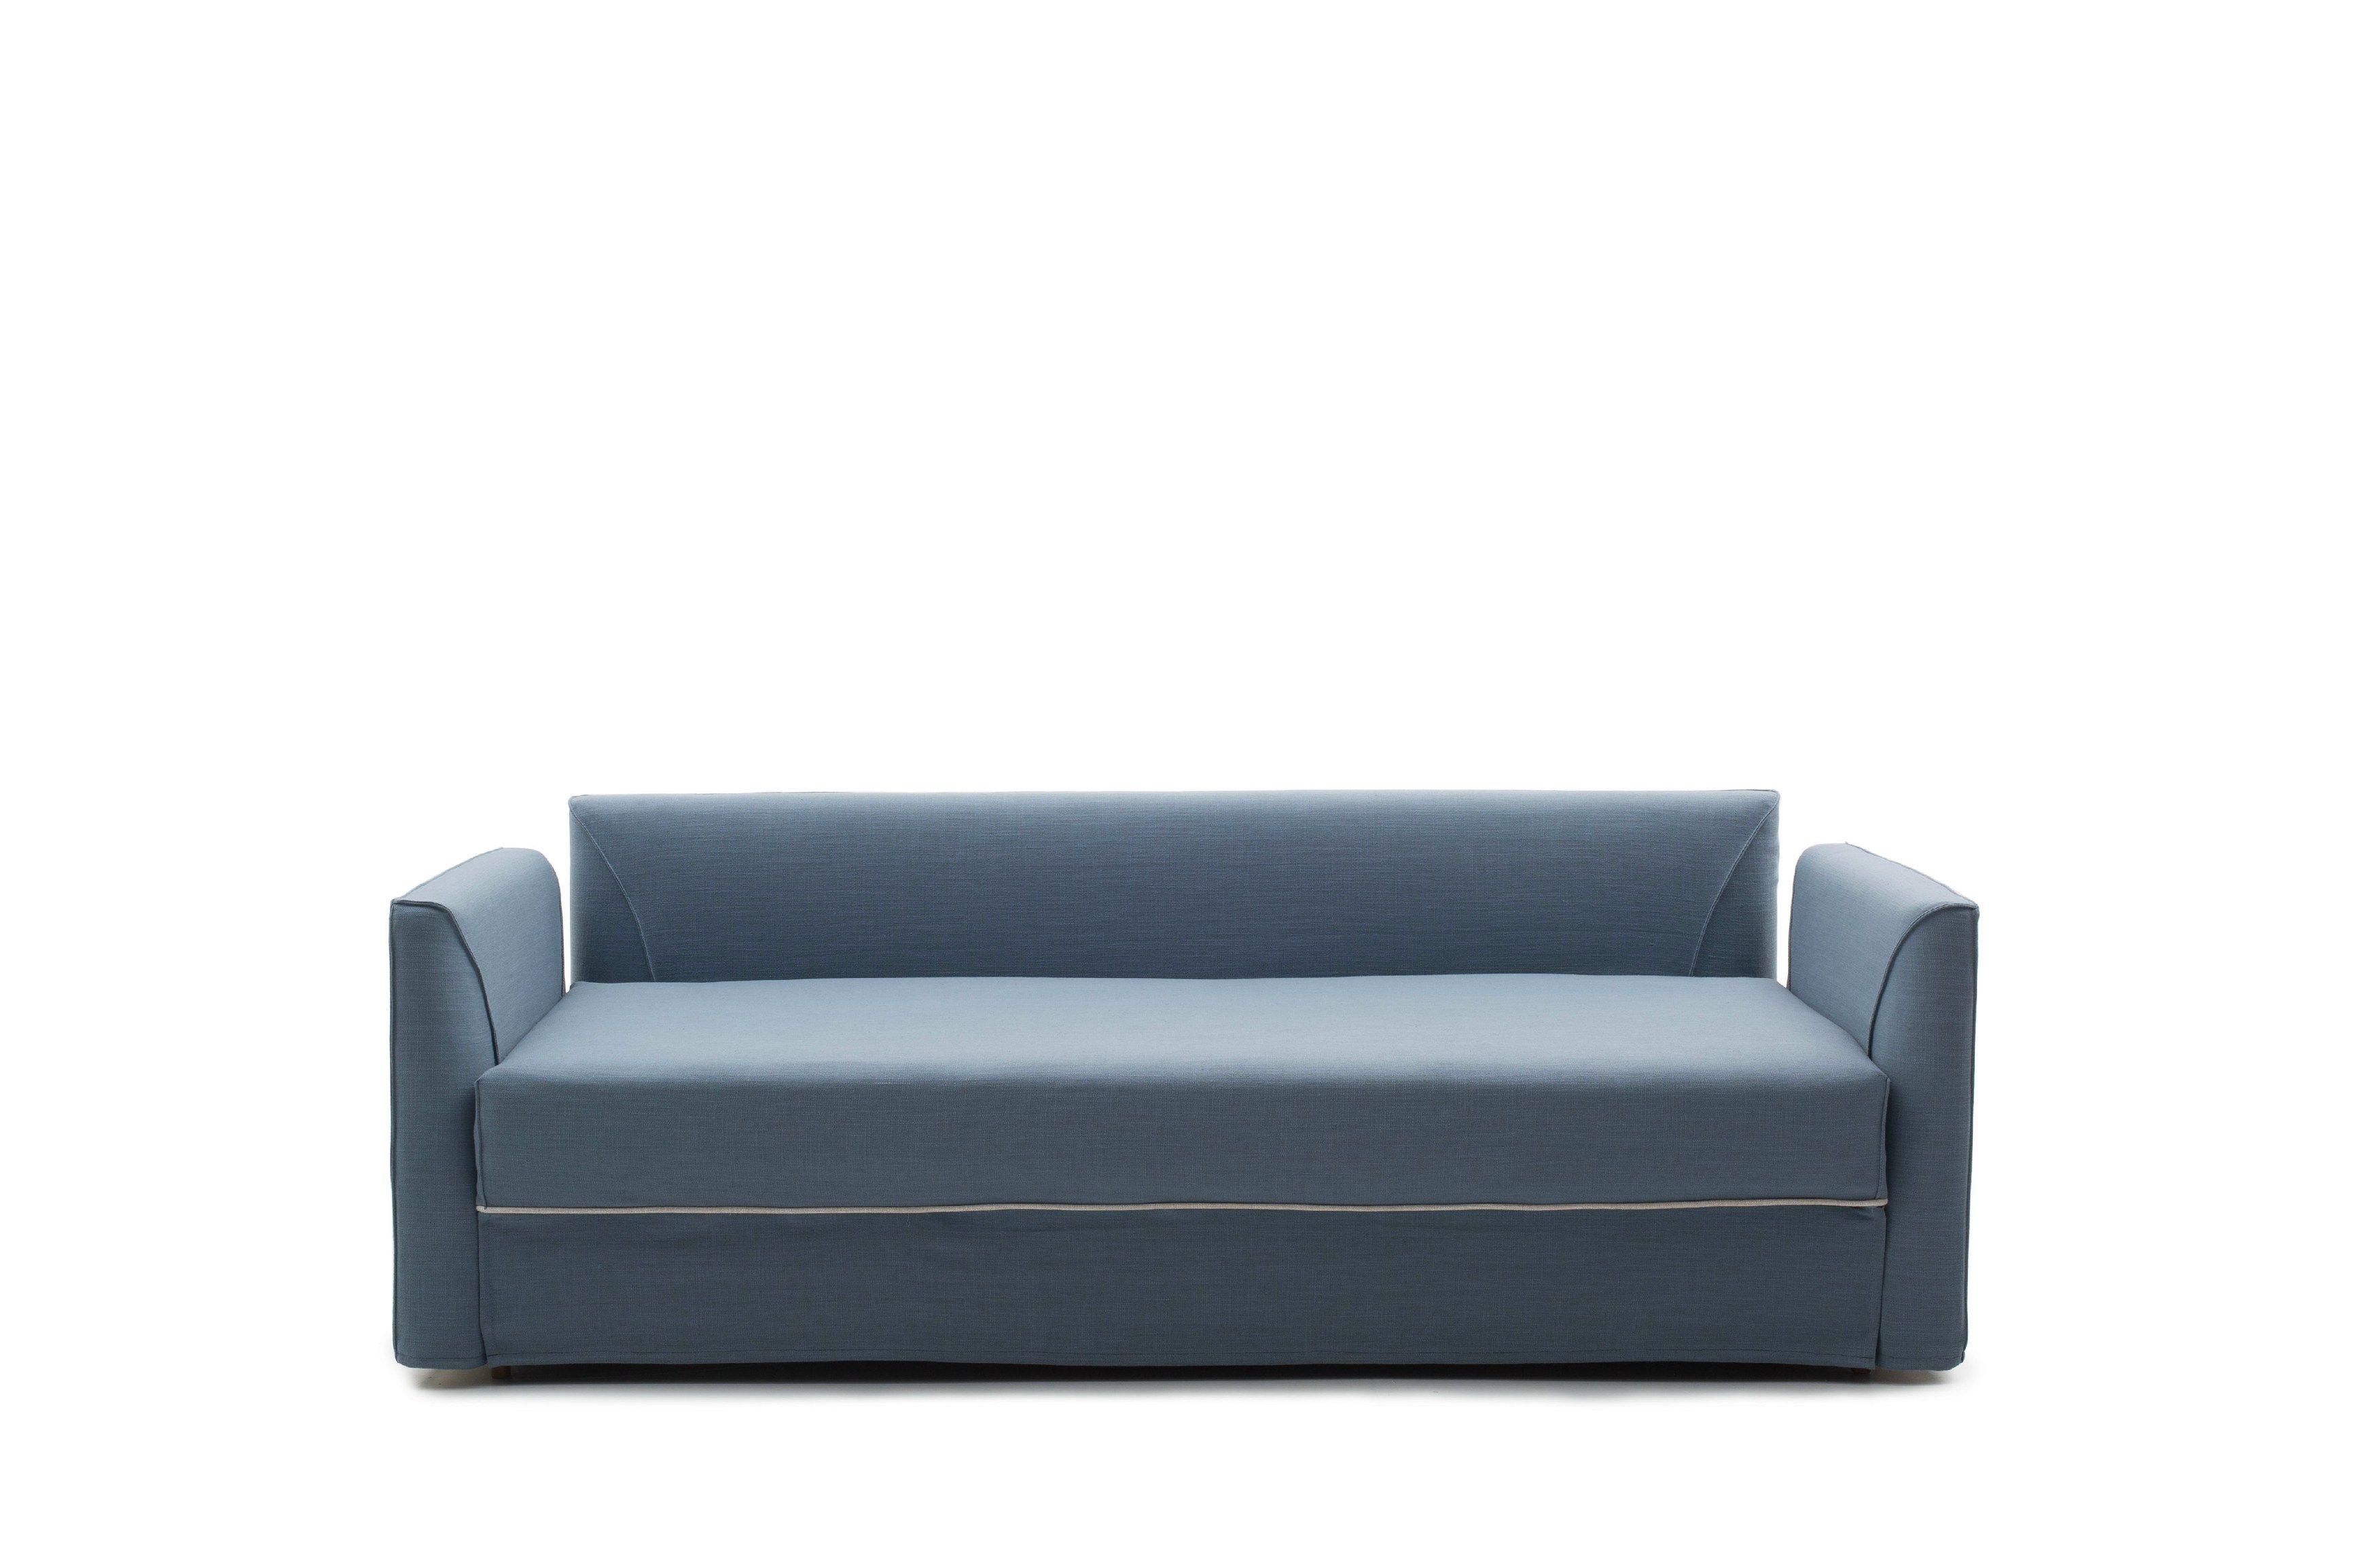 Divano letto trasformabile NIGHT&DAY TWIN BED by BODEMA design Studio ...